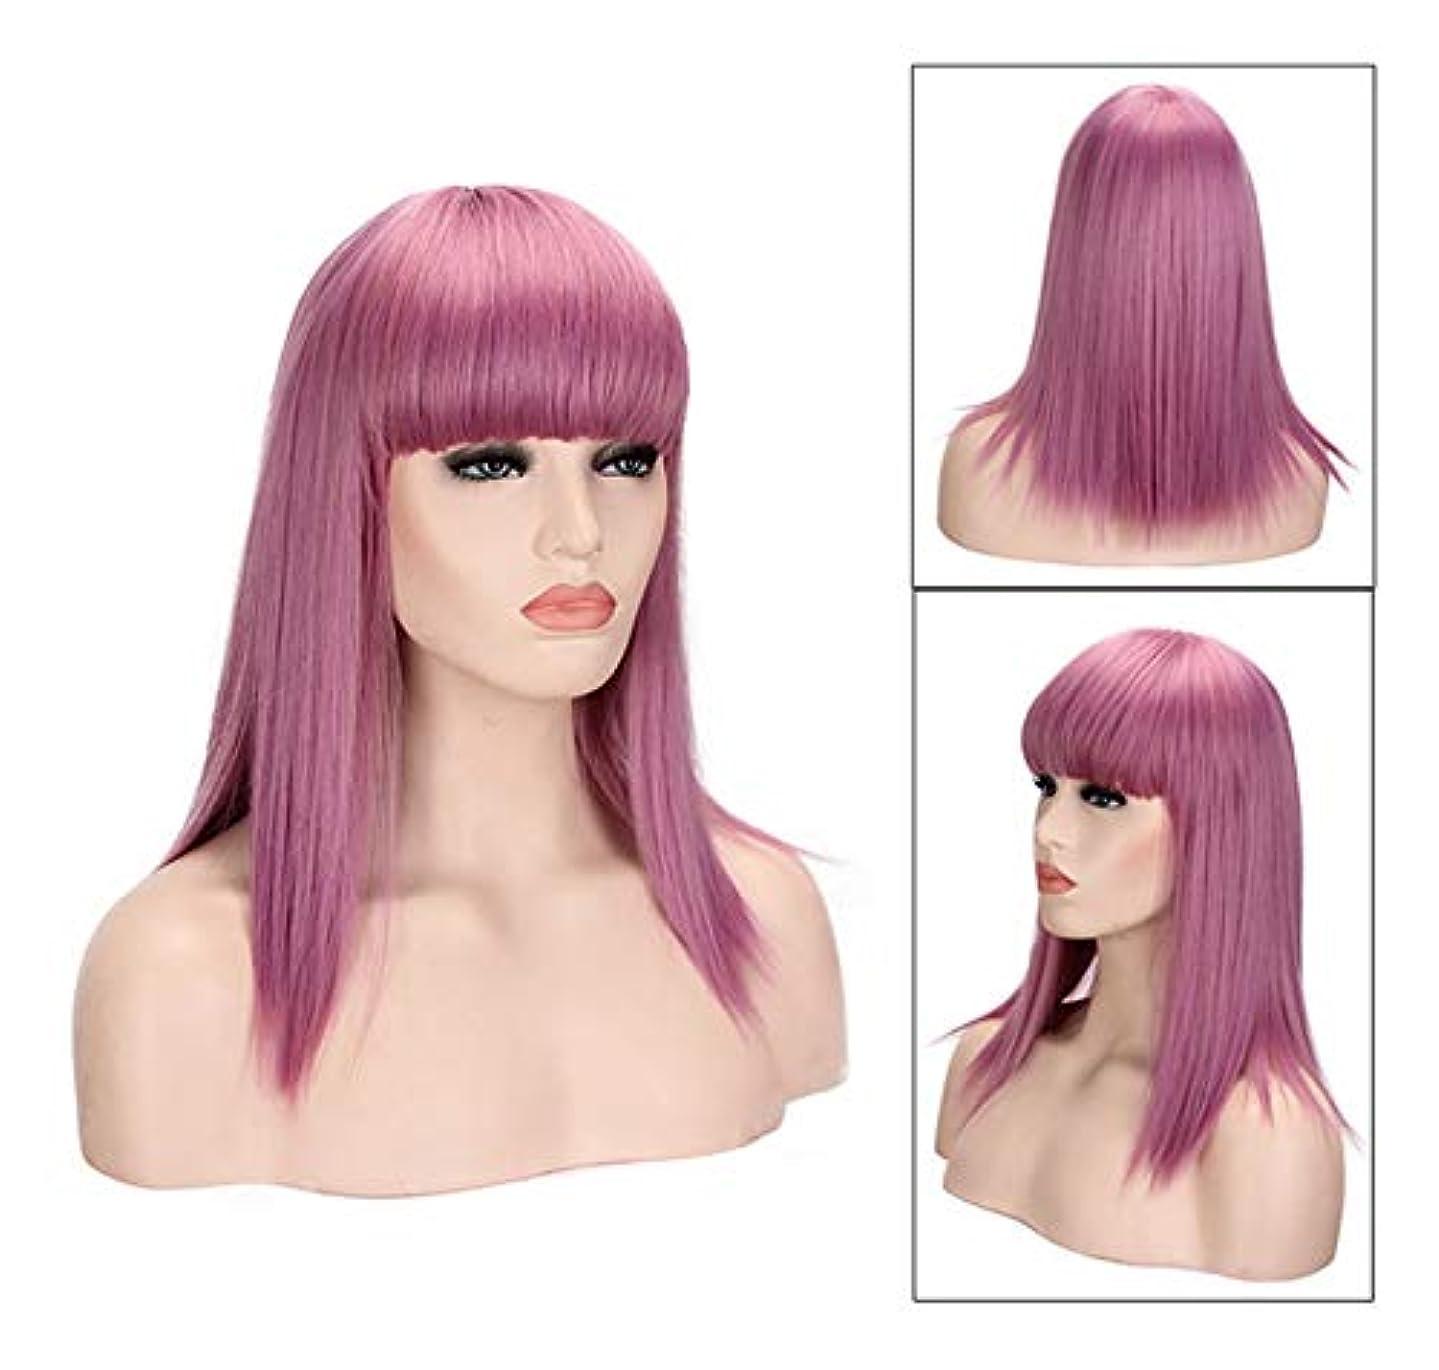 プロテスタント役職夏女性用フルウィッグ、コスプレパーティーデイリードレスのヘアピースの前髪と自然なピンク合成ミディアムロングストレートの髪